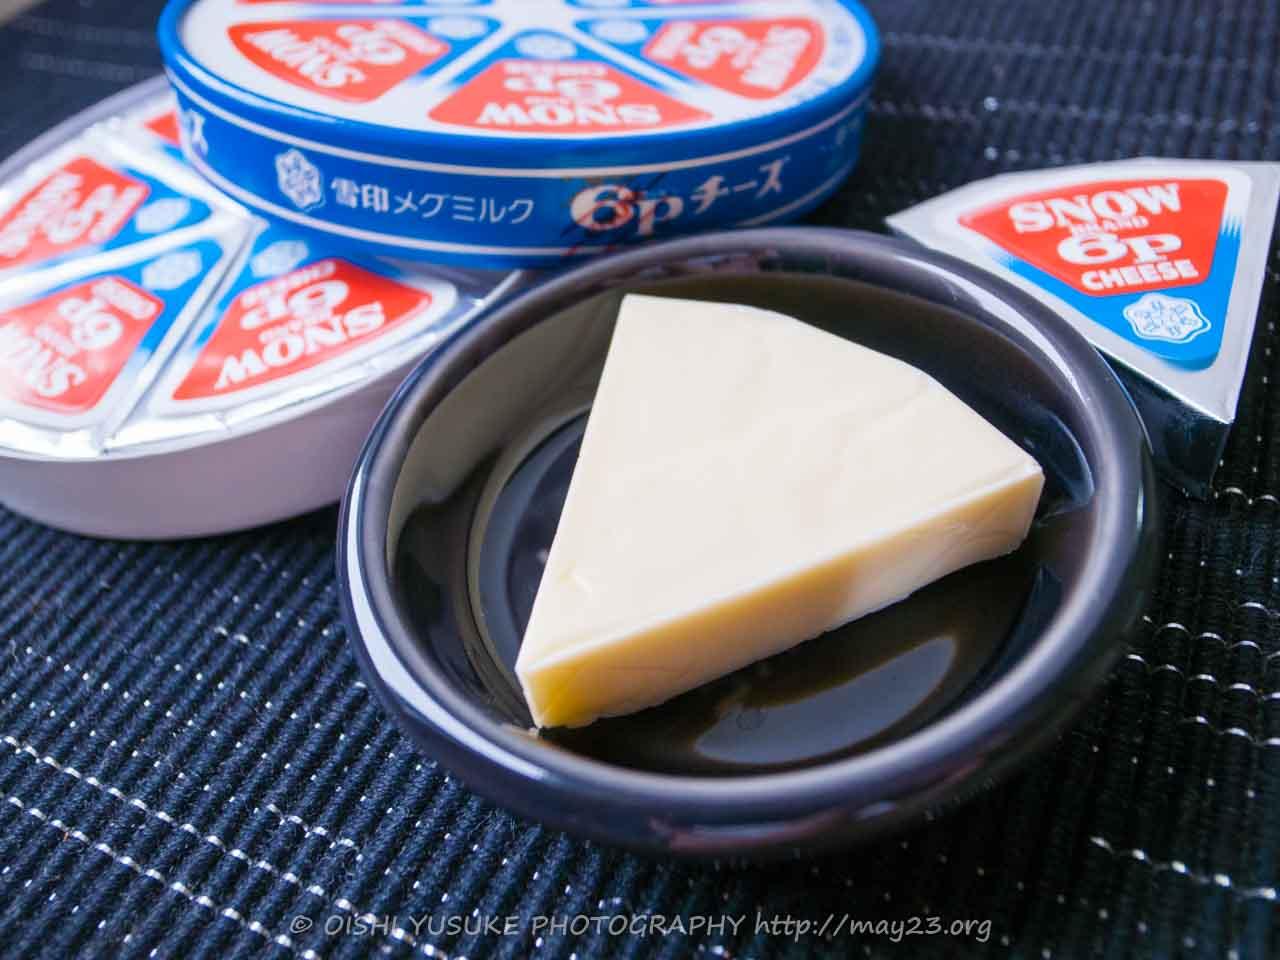 雪印6Pチーズ